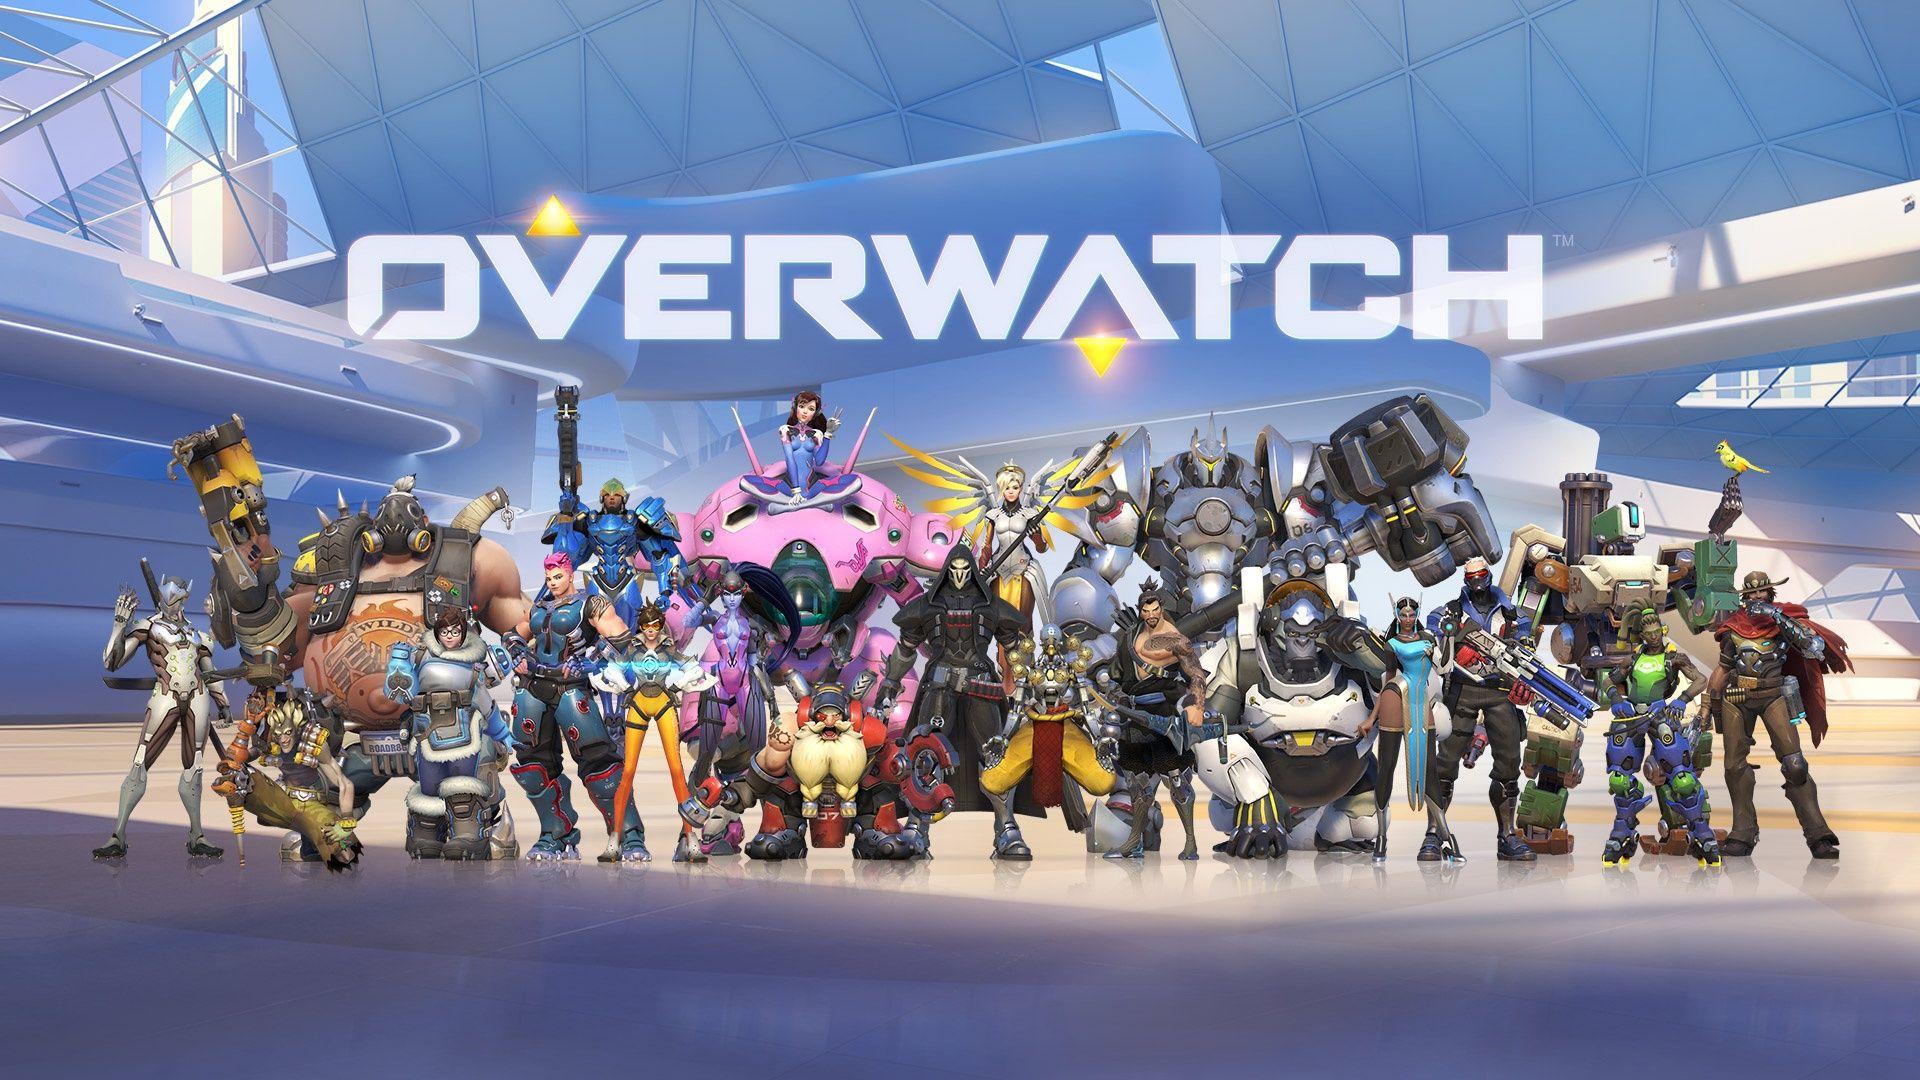 Overwatch skupio preko 40 milijuna igrača